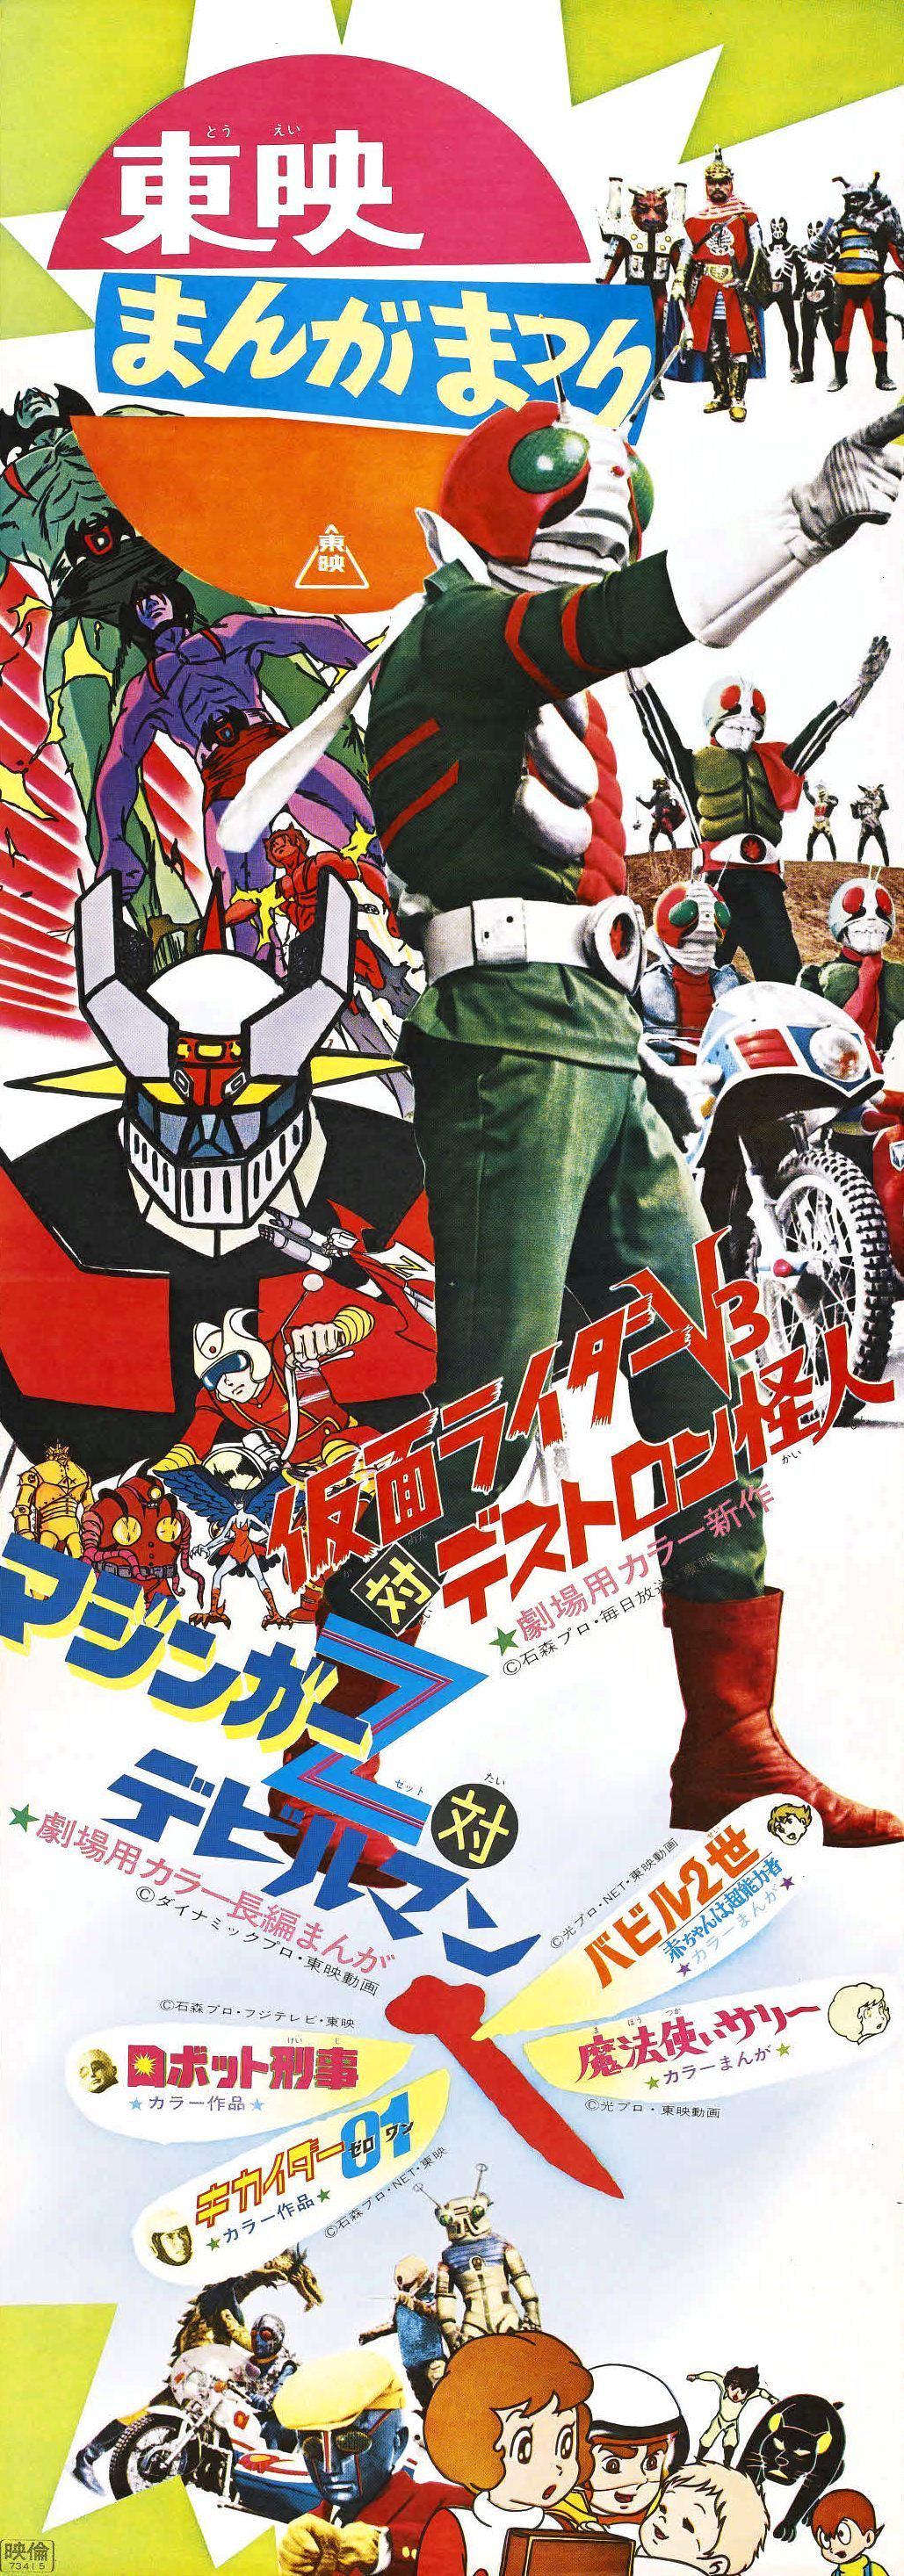 Kamen Rider V3 vs. Destron (1973)